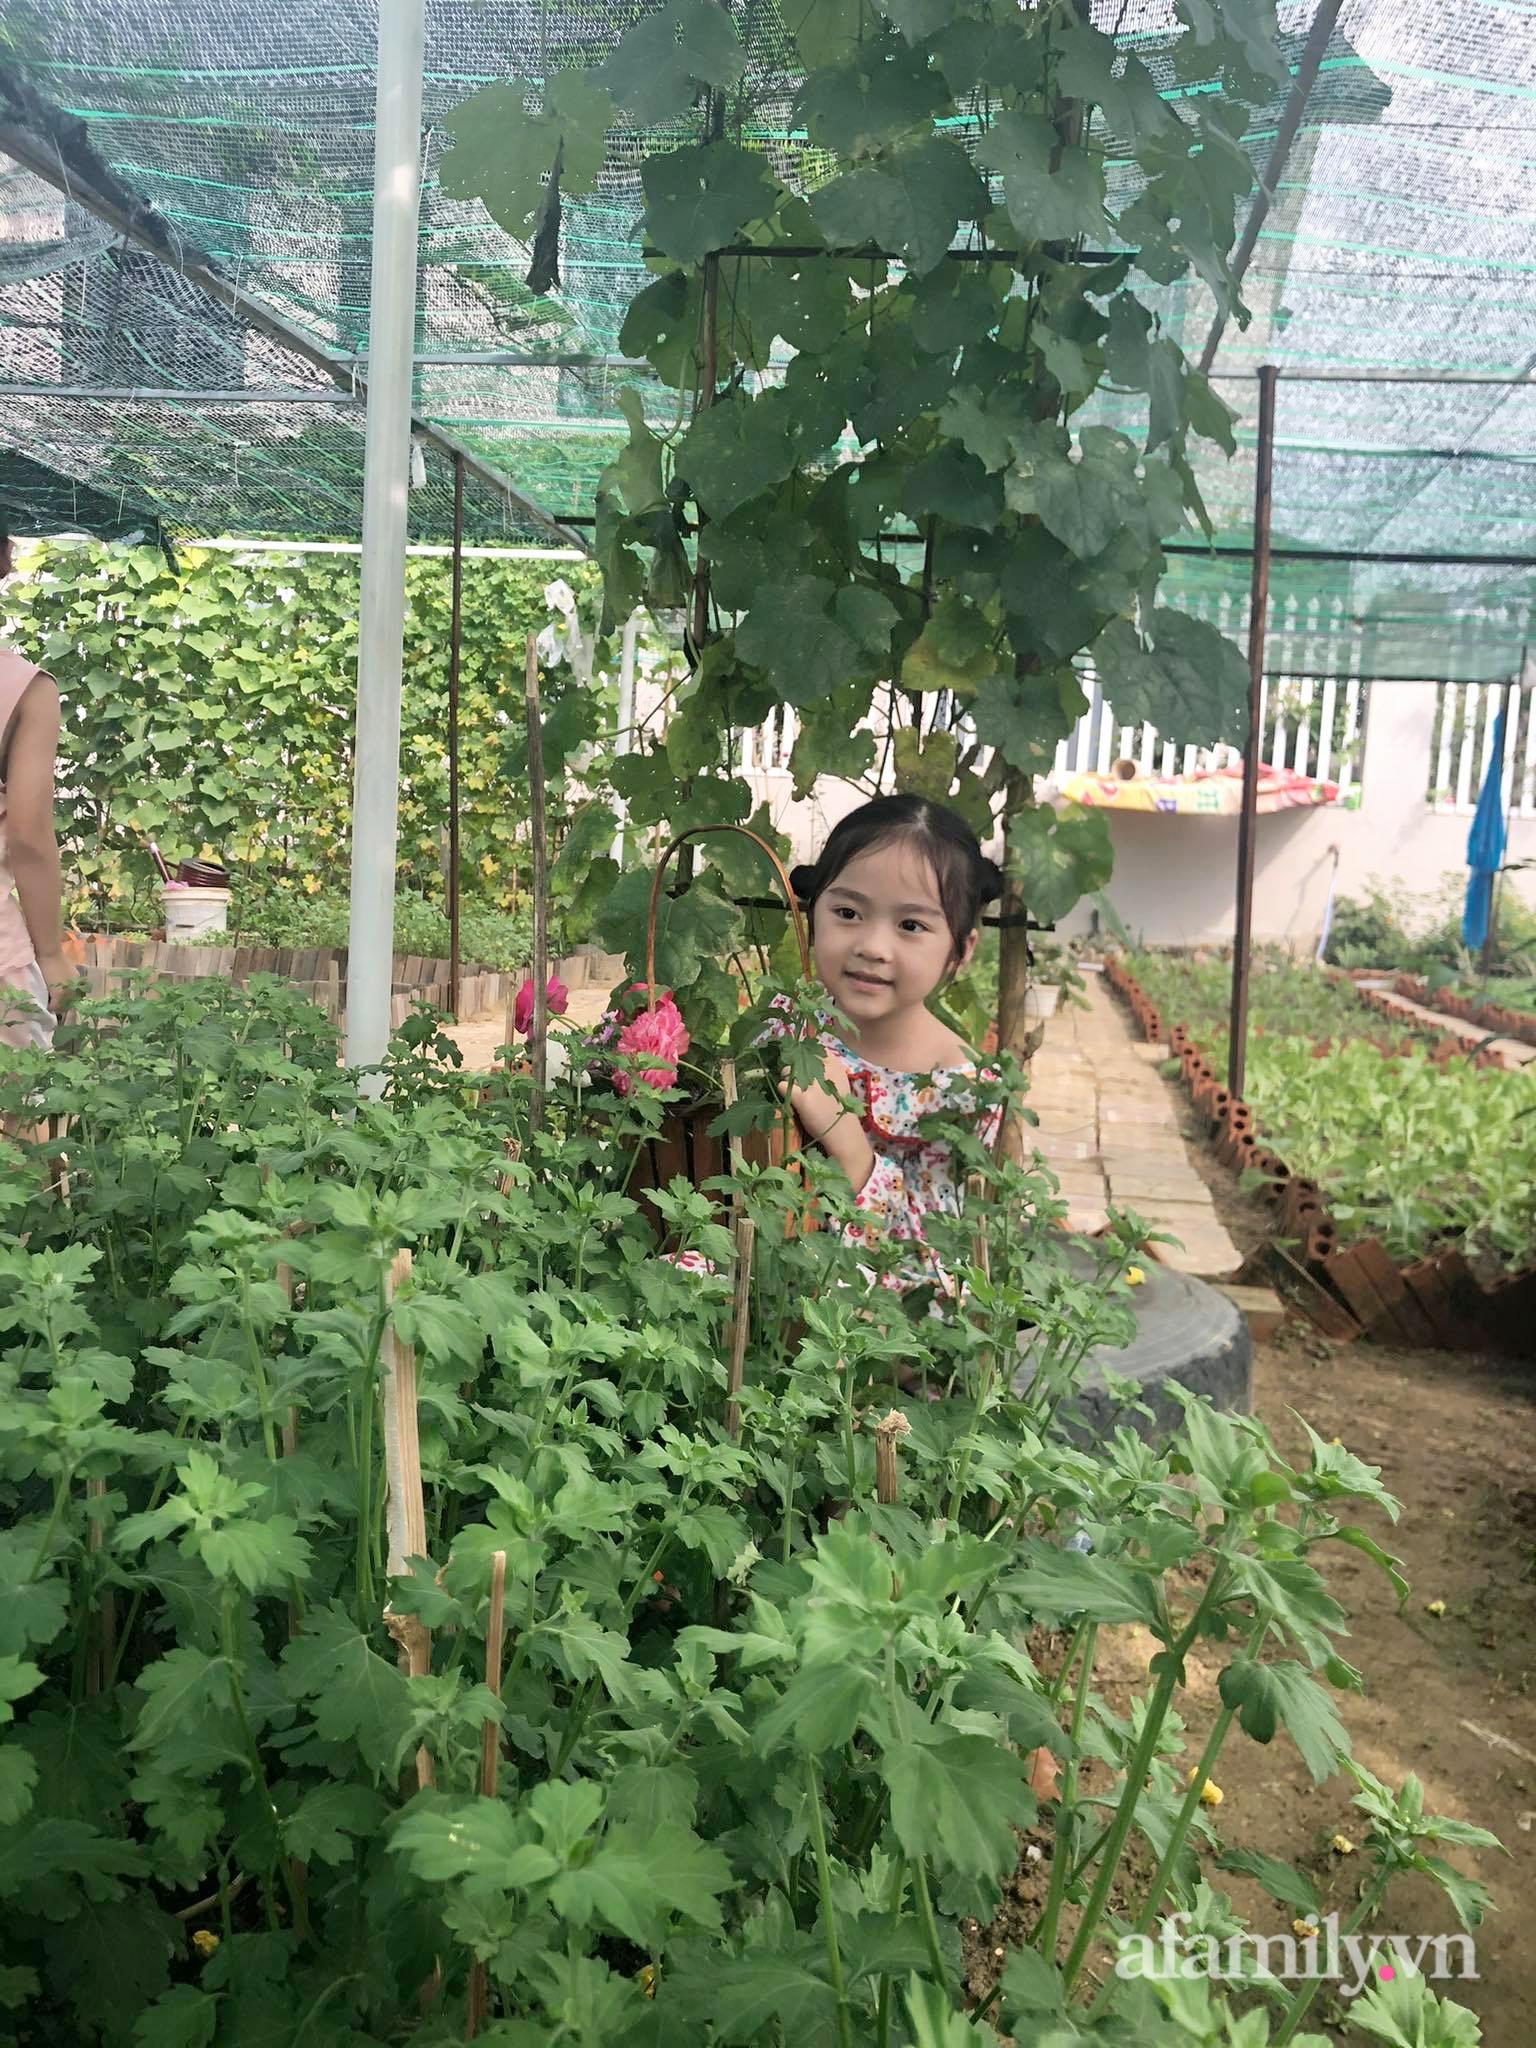 Vườn 500m² được quy hoạch khoa học để trồng đủ các loại rau quả sạch của mẹ đảm ở Quy Nhơn - Ảnh 5.